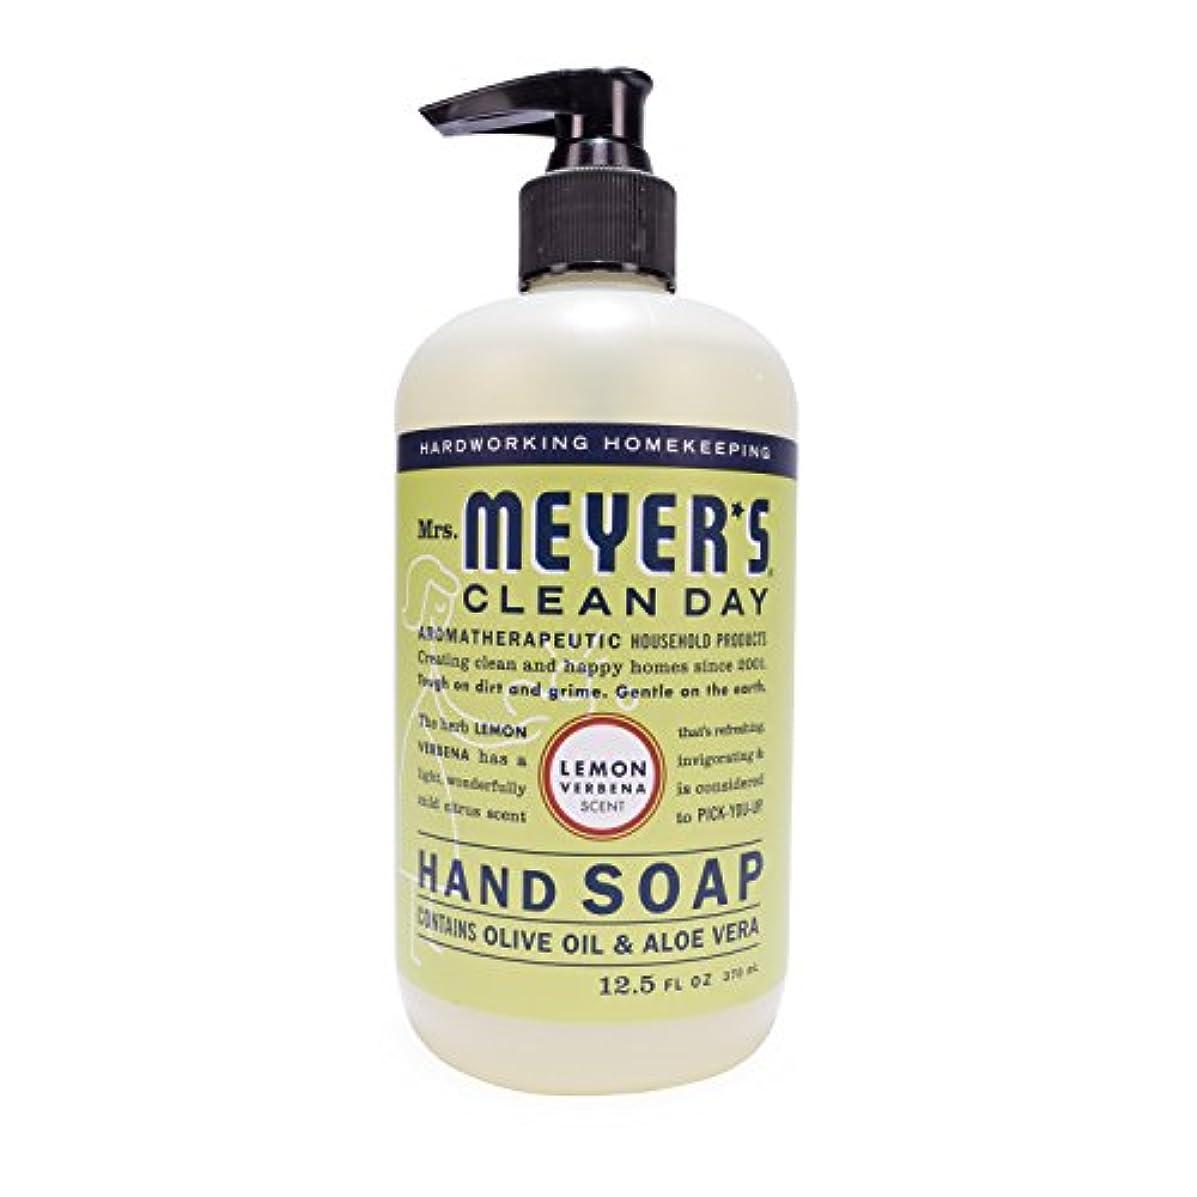 フレキシブル開いた生産性Mrs. Meyer's Hand Soap Lemon Verbena, 12.5 Fluid Ounce (Pack of 3) by Mrs. Meyer's Clean Day